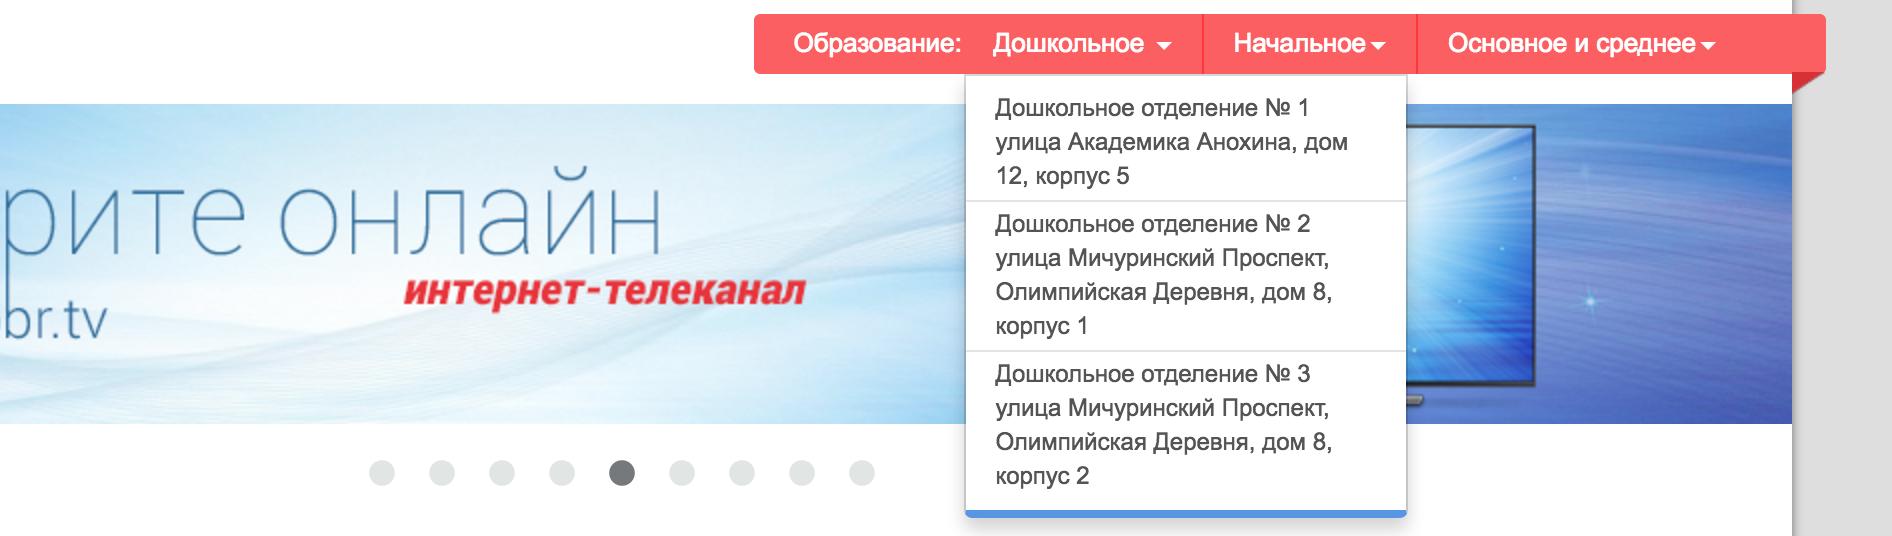 Выбор детского сада в Москве - 4